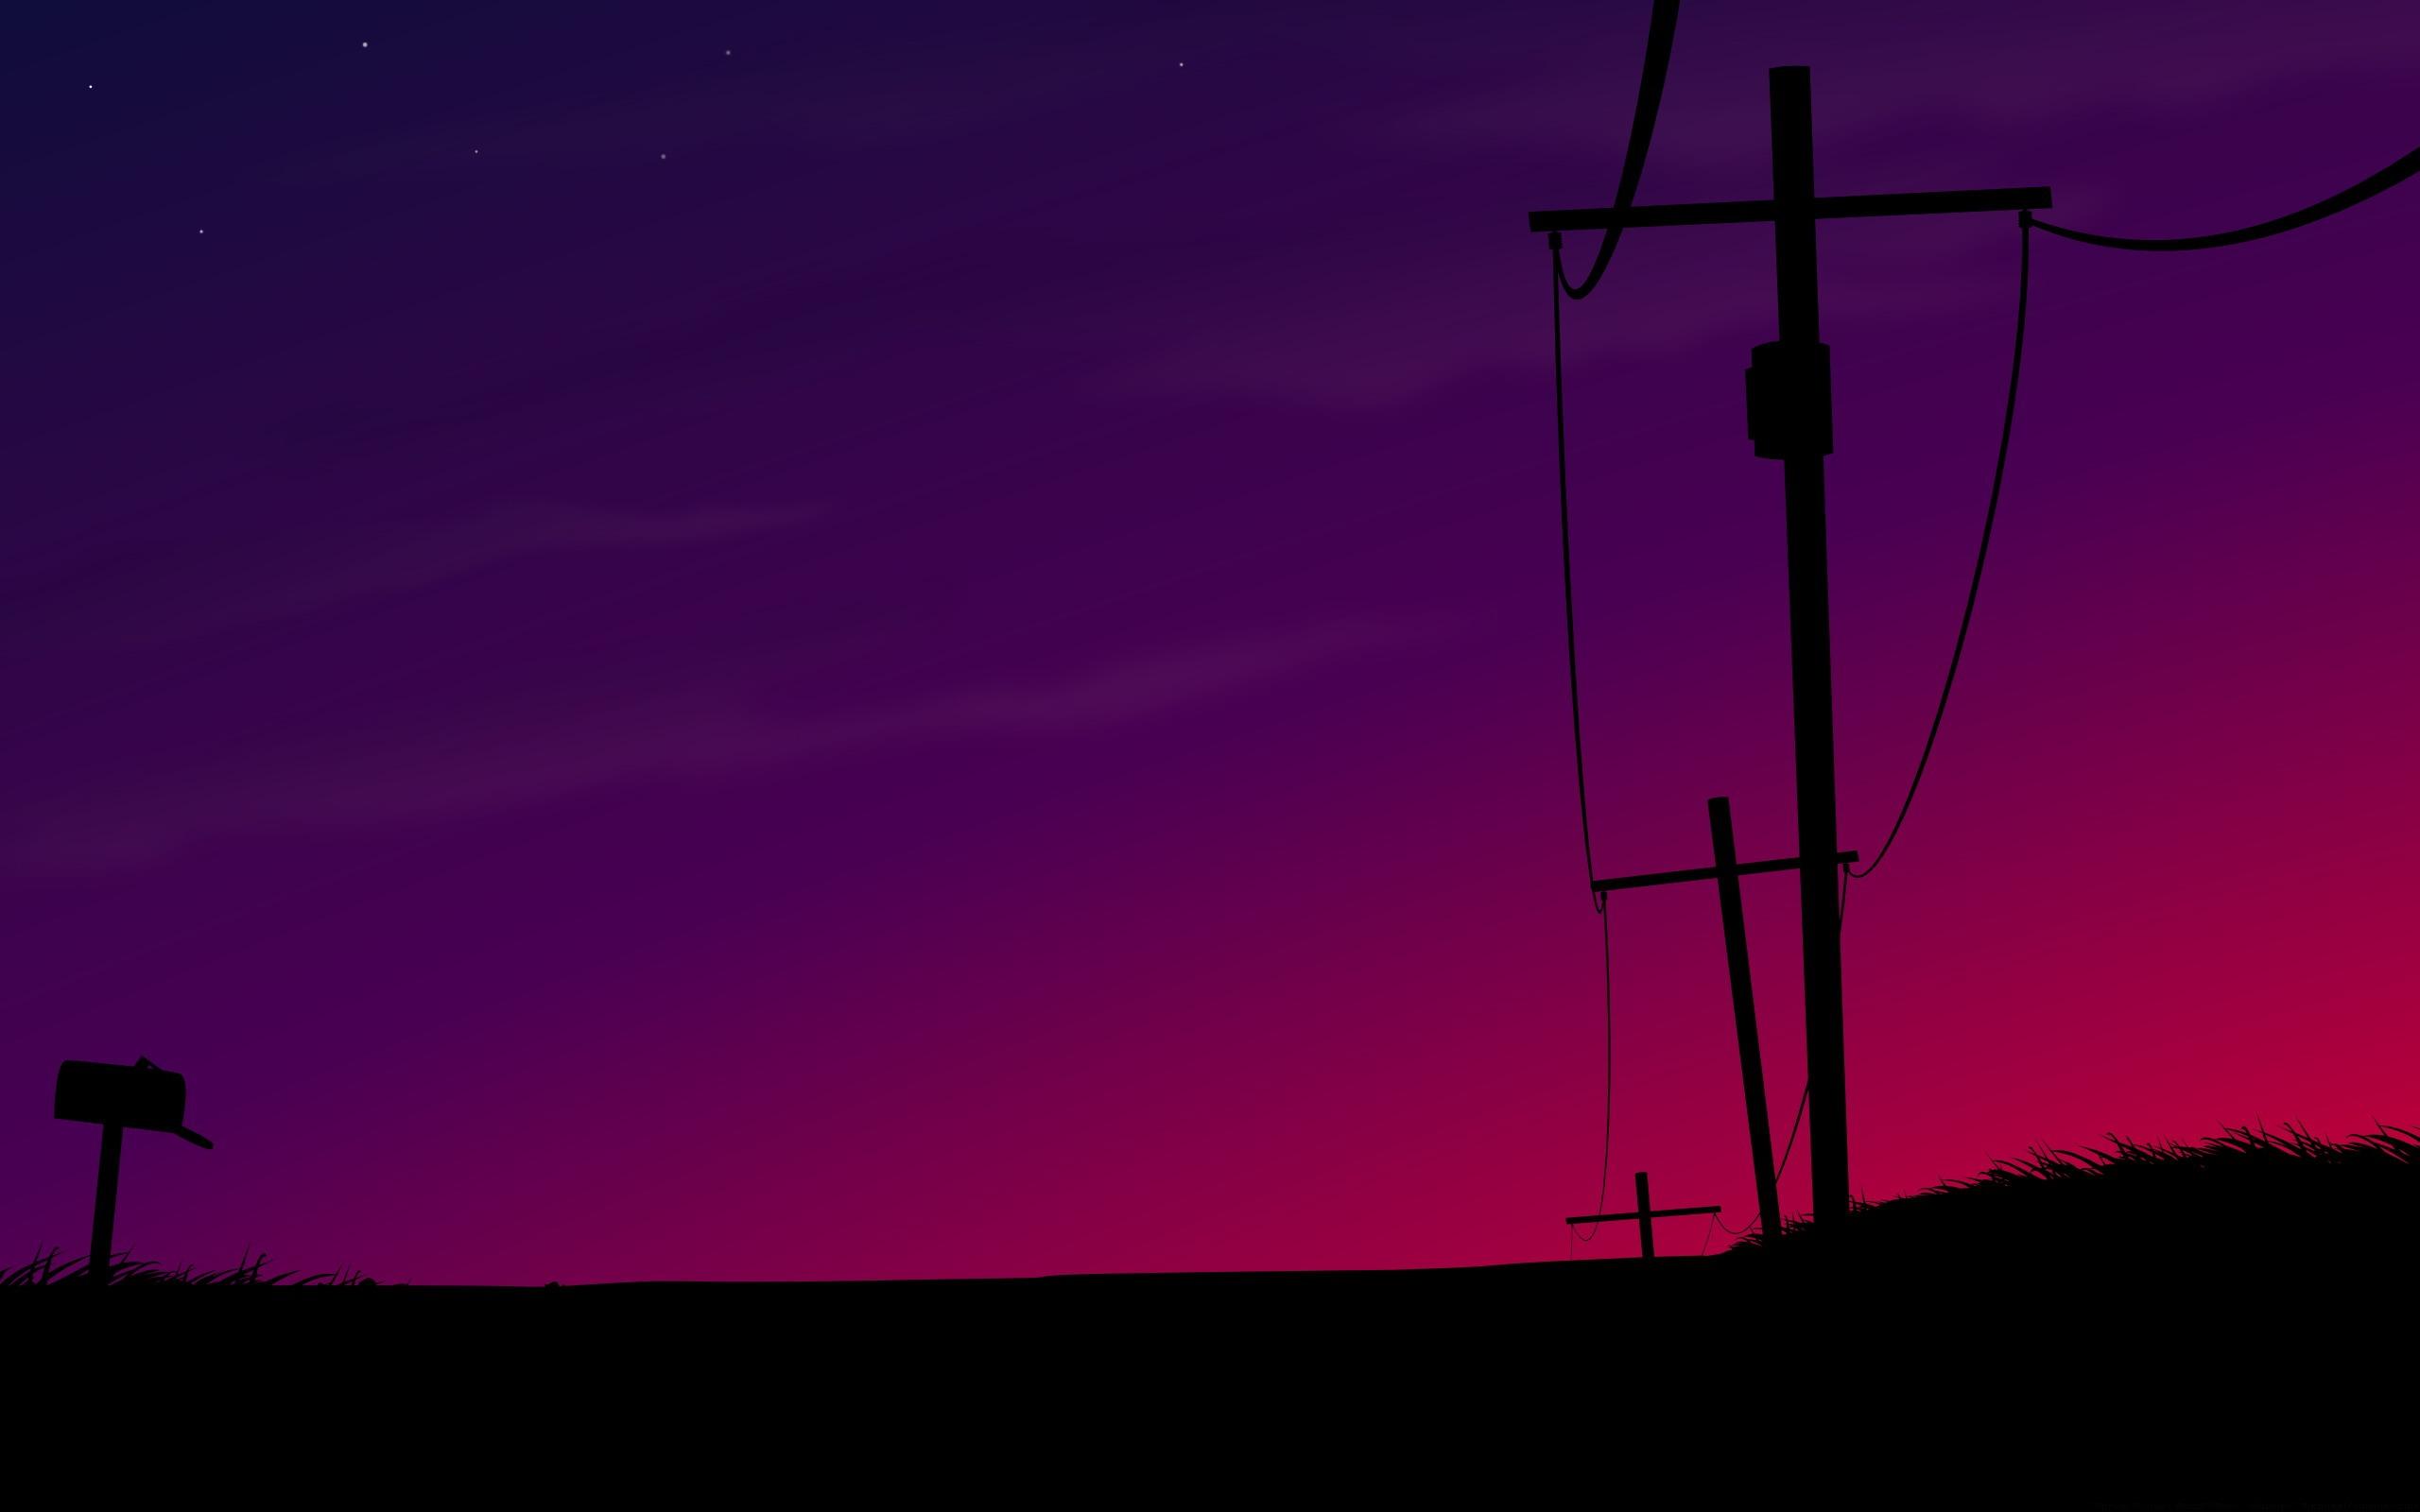 Magneta Sunset Wallpaper Vector D Wallpapers in jpg format for